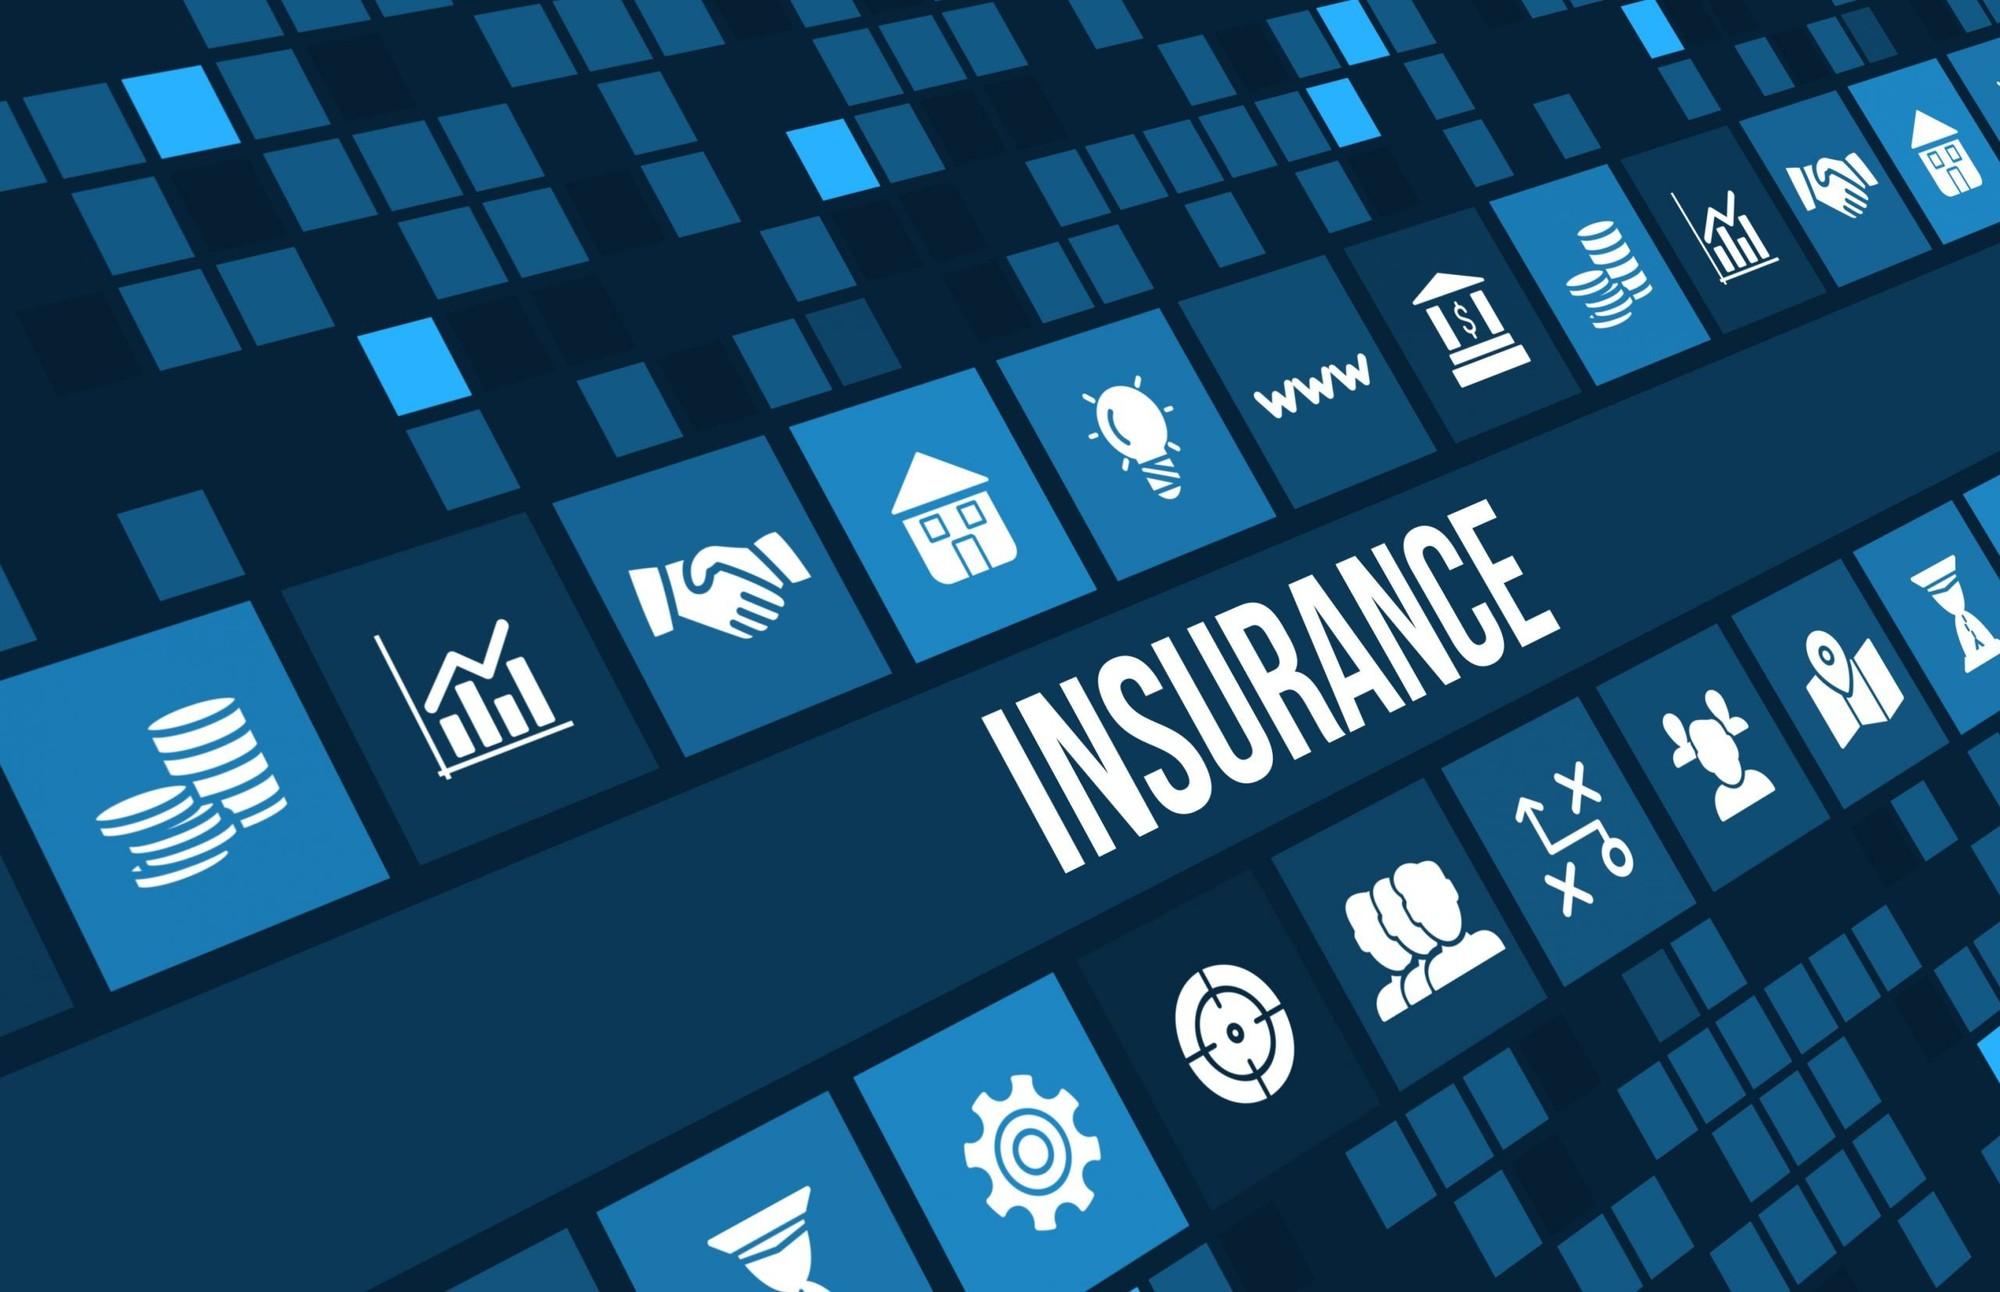 Thị trường bảo hiểm tăng trưởng tích cực hai tháng đầu năm